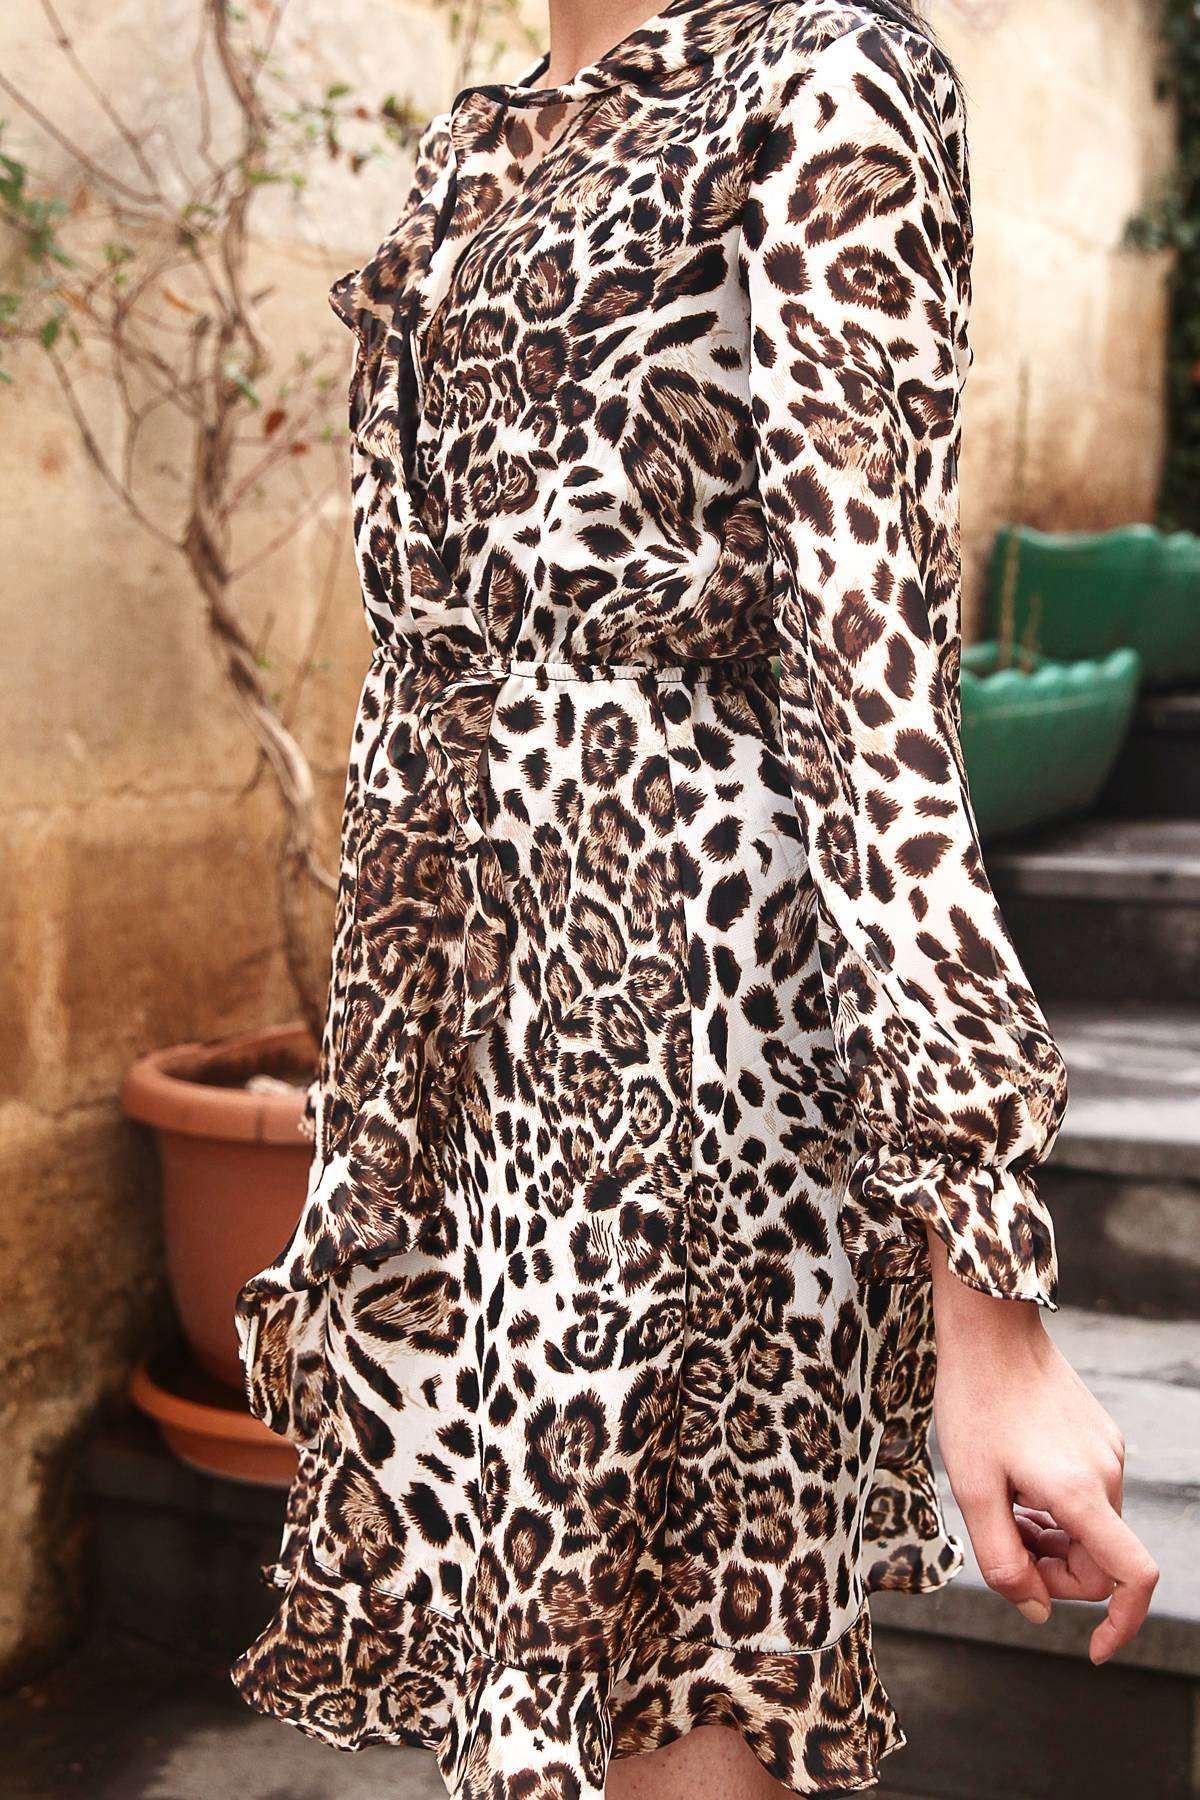 Leopar Desenli Yakası Altı Kol Ucu Fırfırlı Elbise Siyah-Kahve